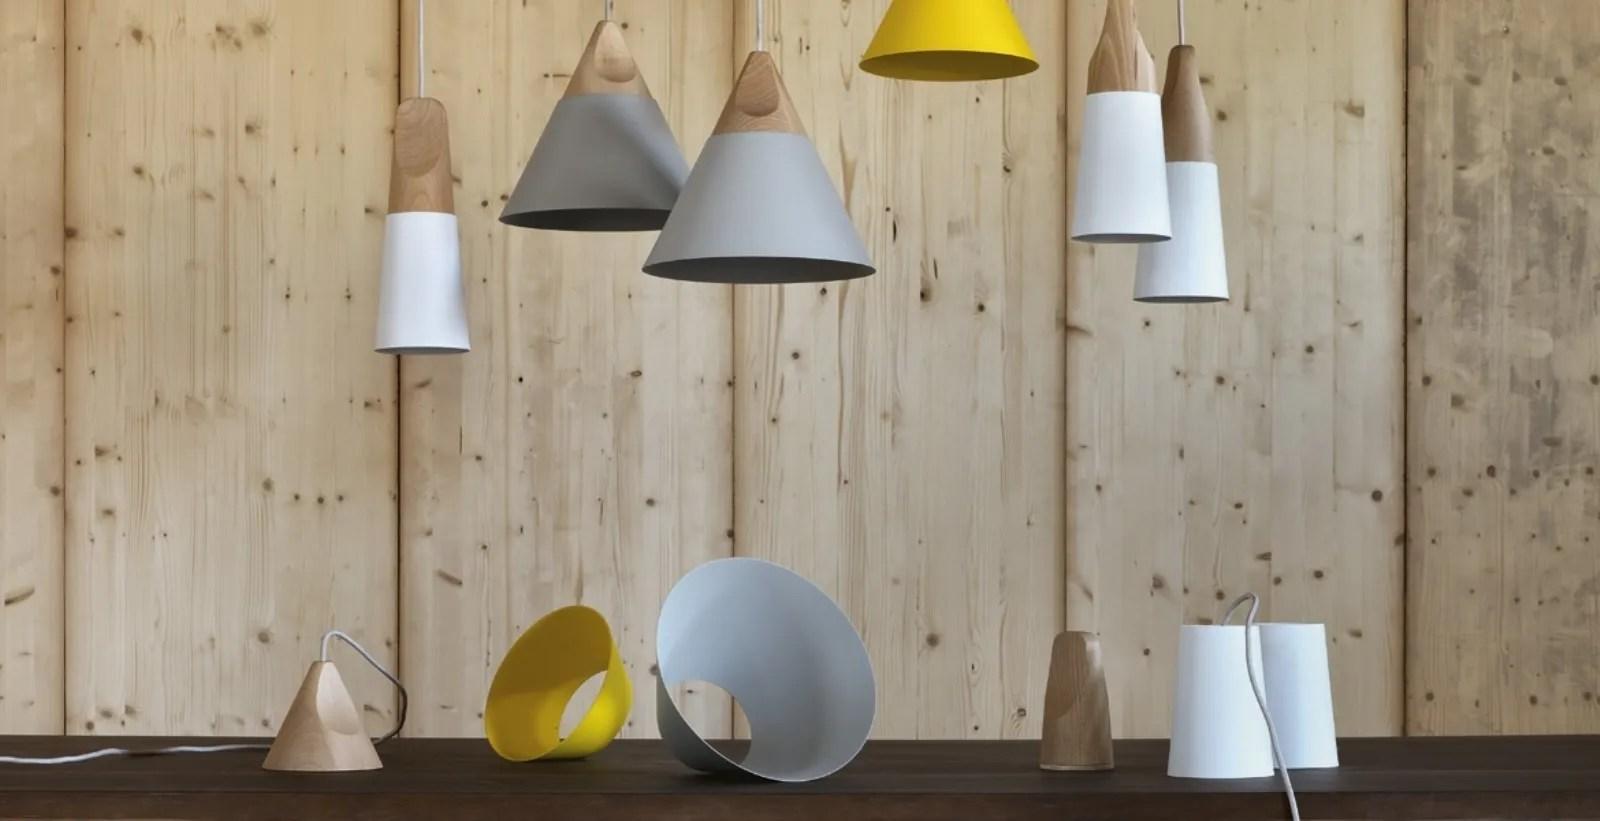 Da ikea, la lampada kroby offre una raffinatezza esclusiva grazie al paralume realizzato in vetro soffiato a bocca, insieme a un'ottima. Lampadari Da Cucina